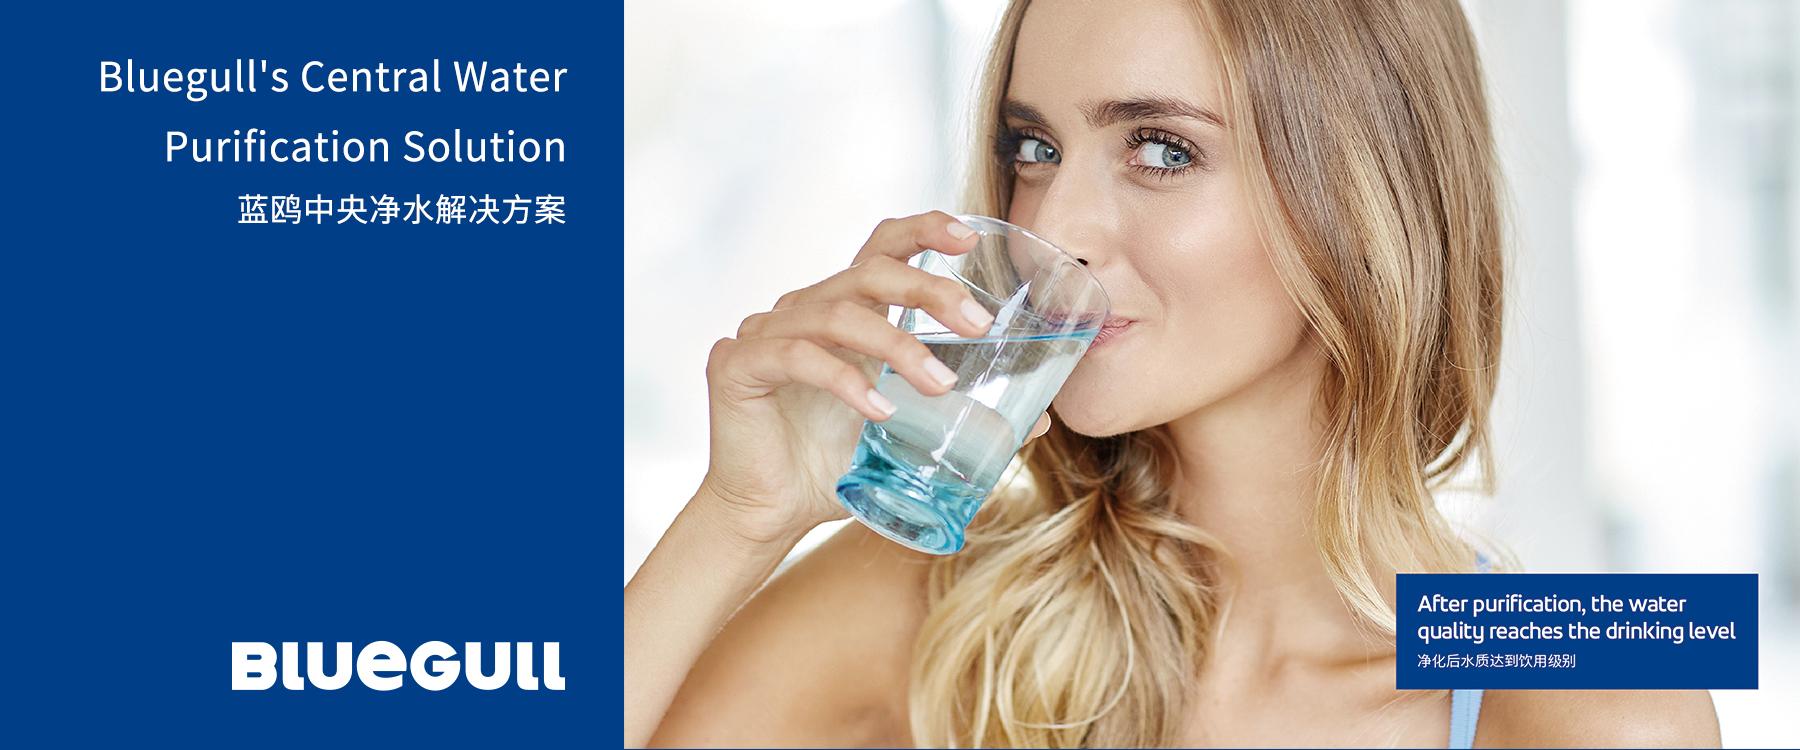 净化后达到饮用水级别